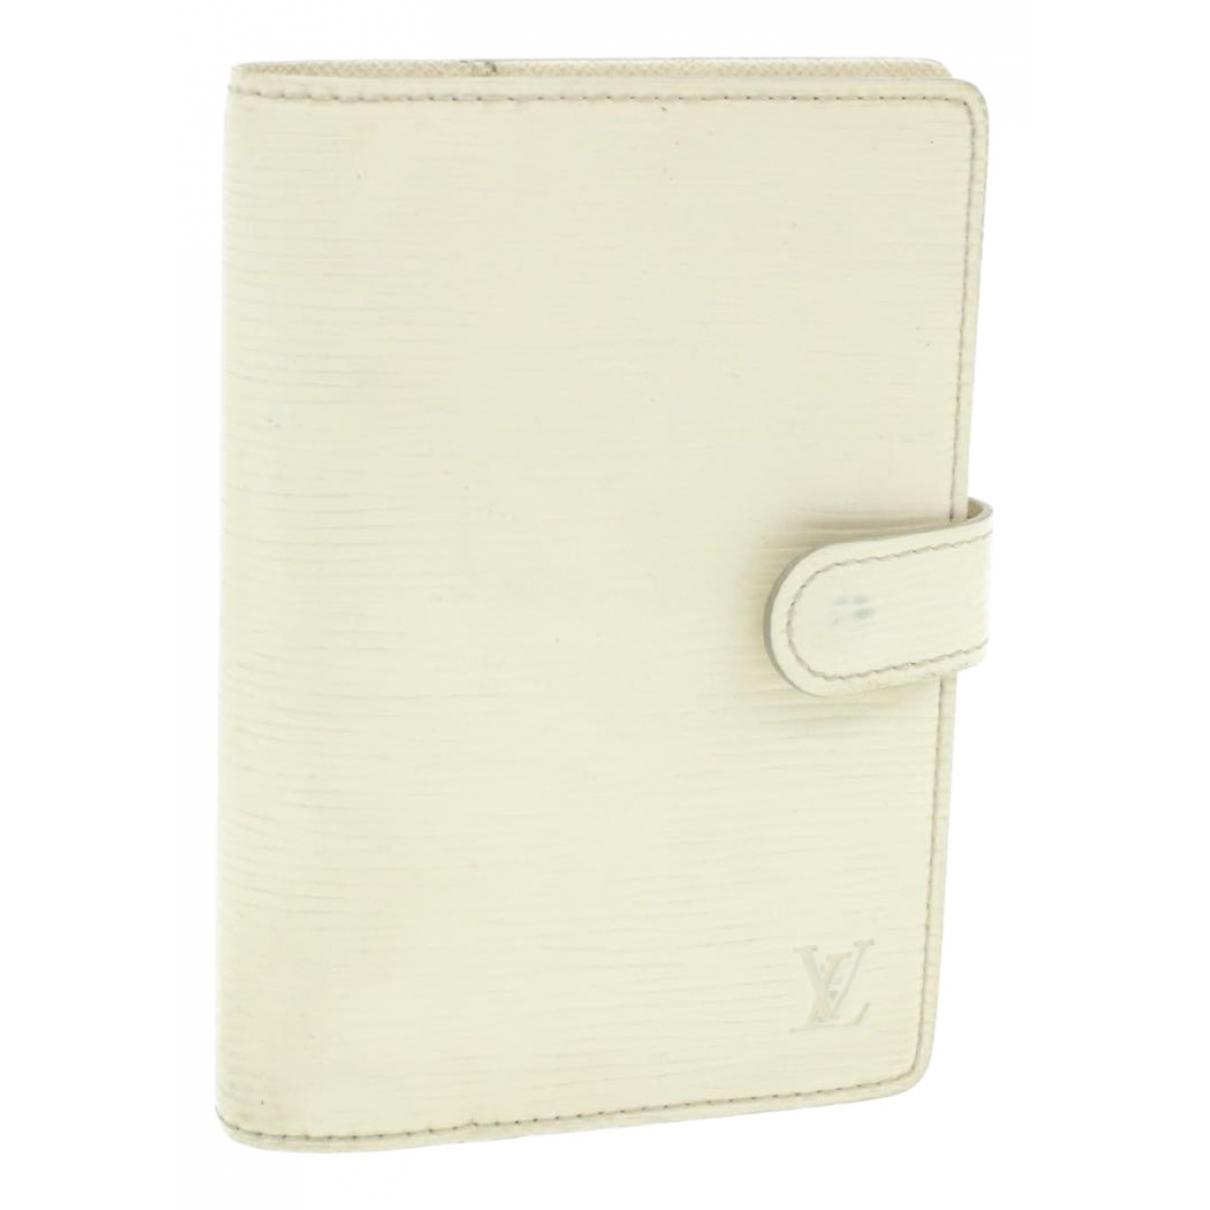 Louis Vuitton - Objets & Deco Couverture dagenda MM pour lifestyle en cuir - blanc